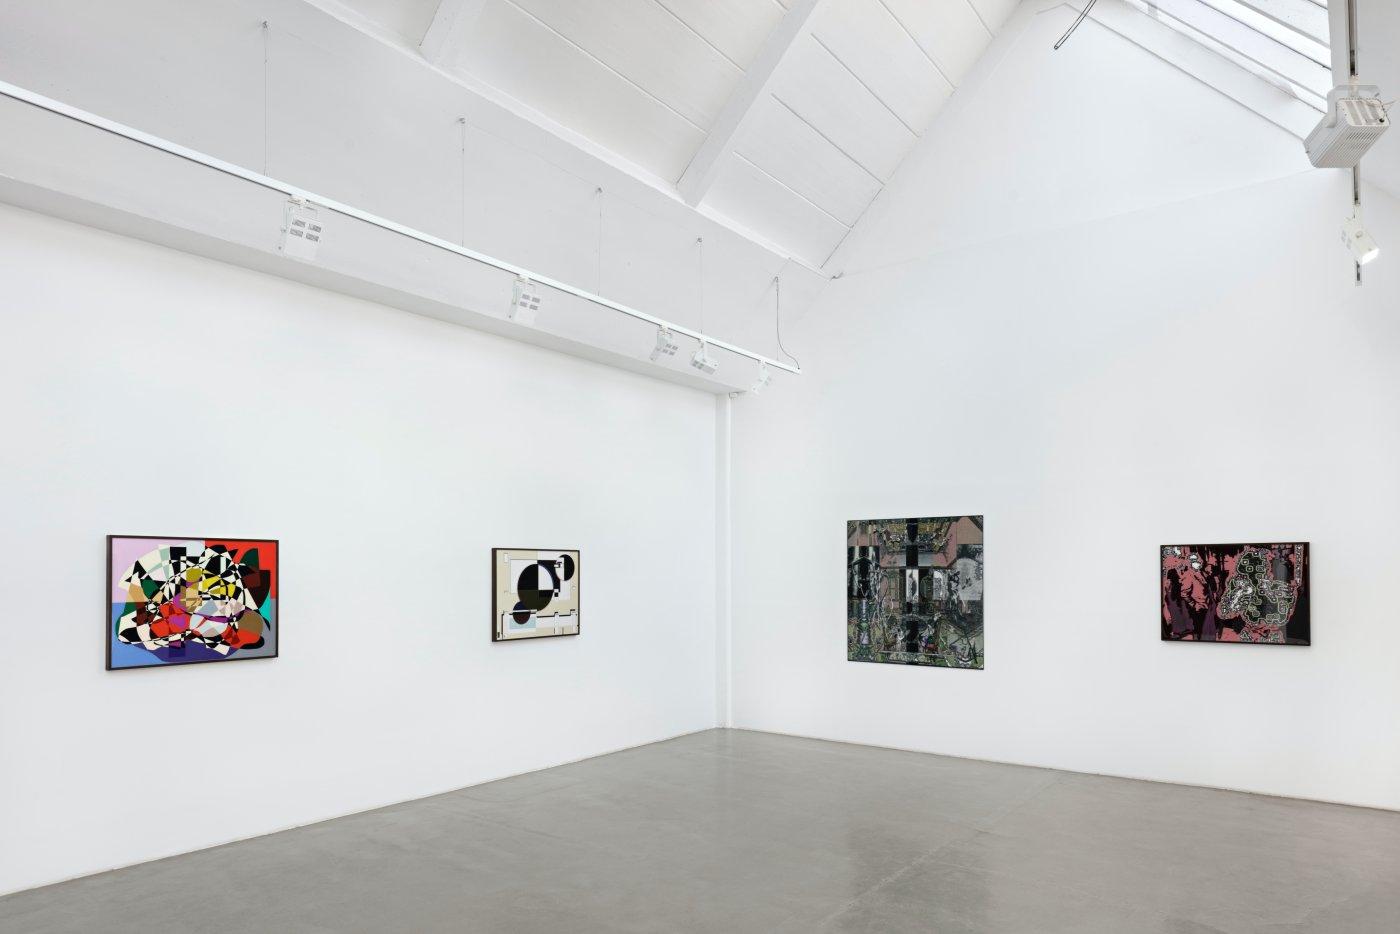 Galerie Barbara Thumm Anne-Mie van Kerckhoven 2